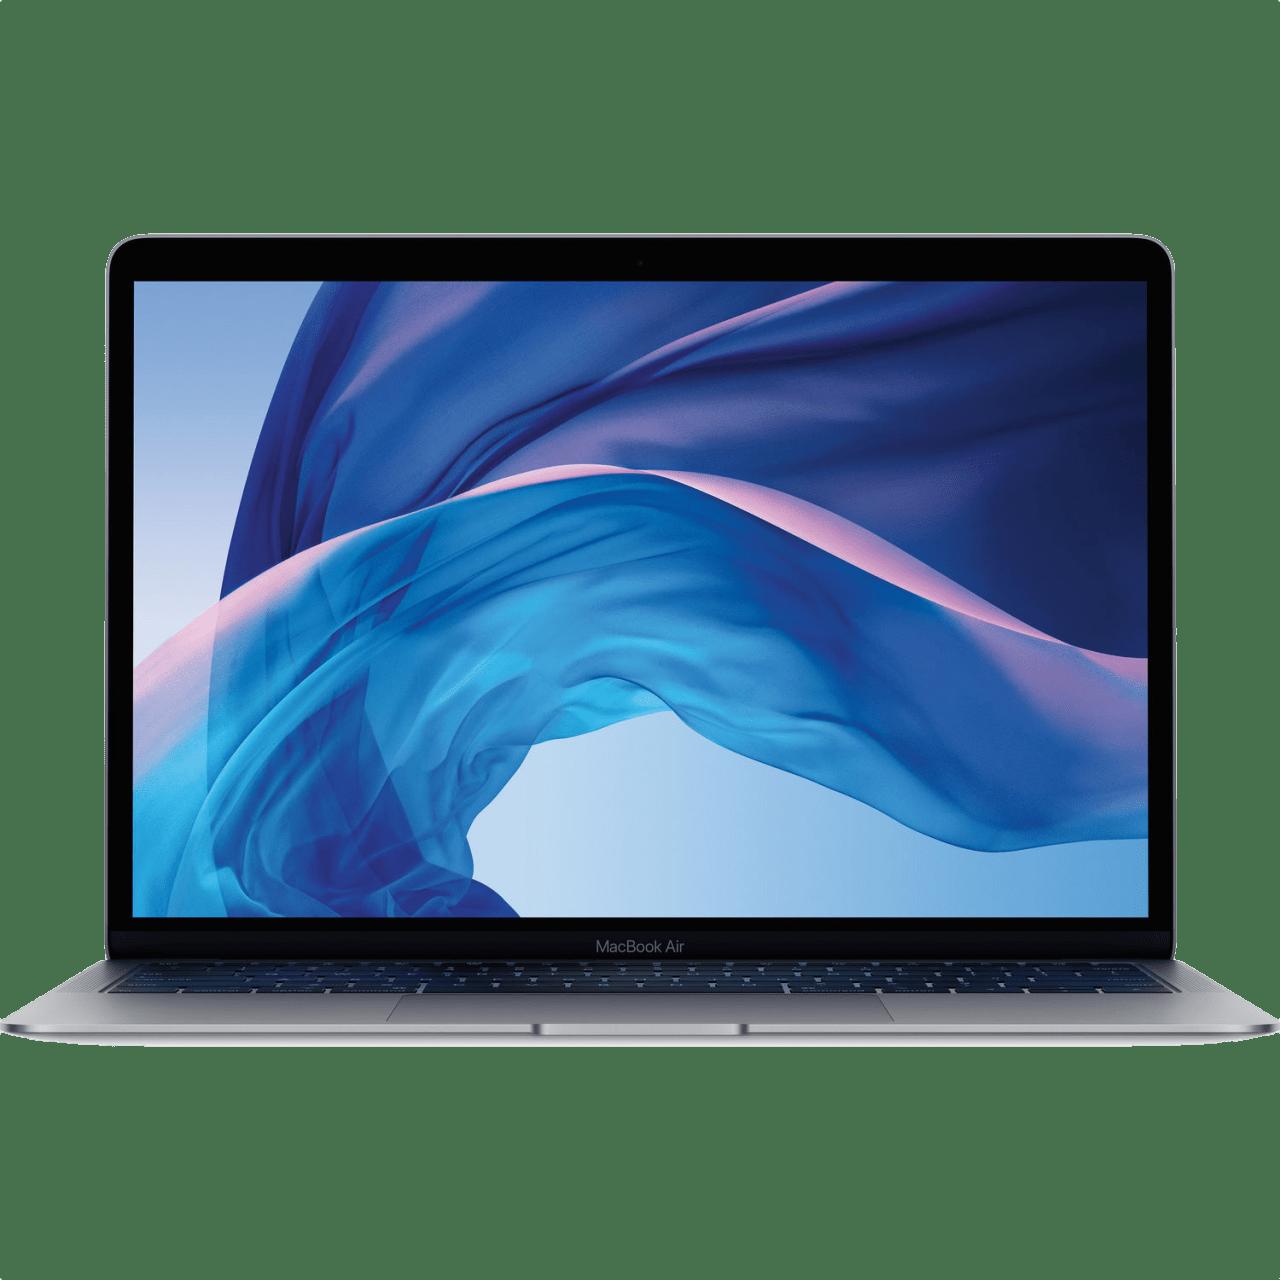 Space Grau Apple Macbook Air (Mid 2019) - English (QWERTY).1